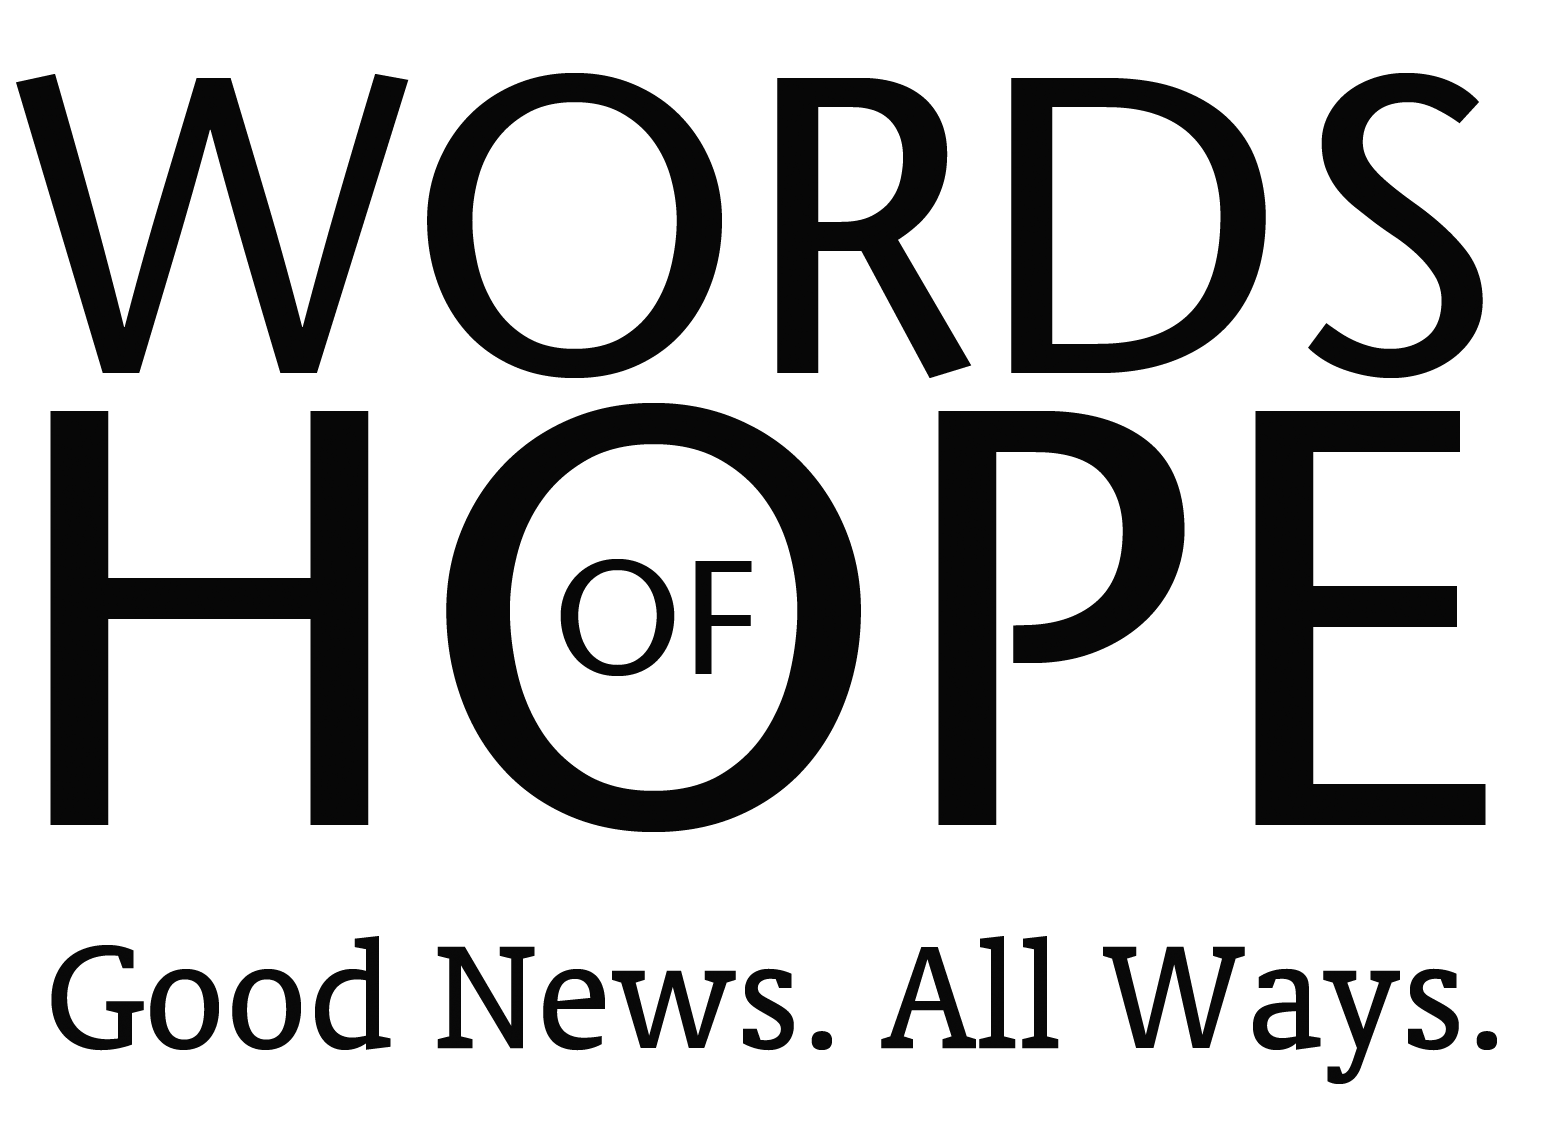 Words of HOPE